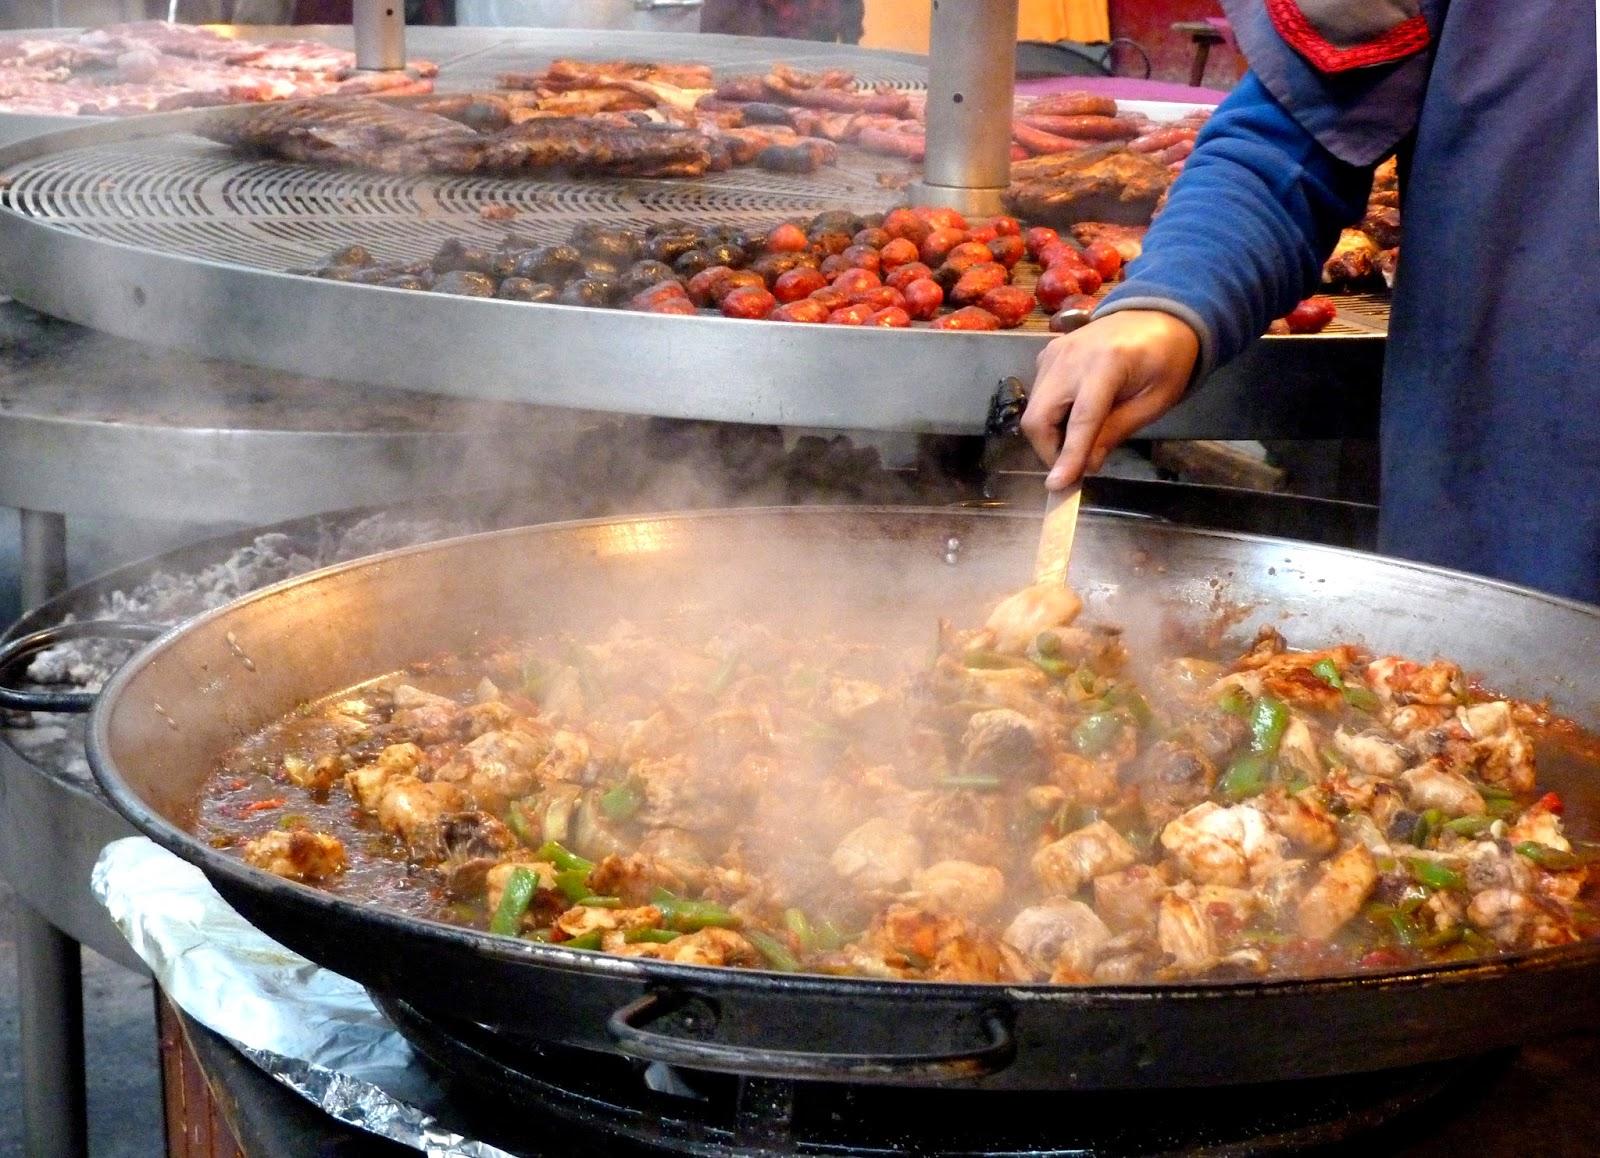 Tarragonain paella en el mercado medieval